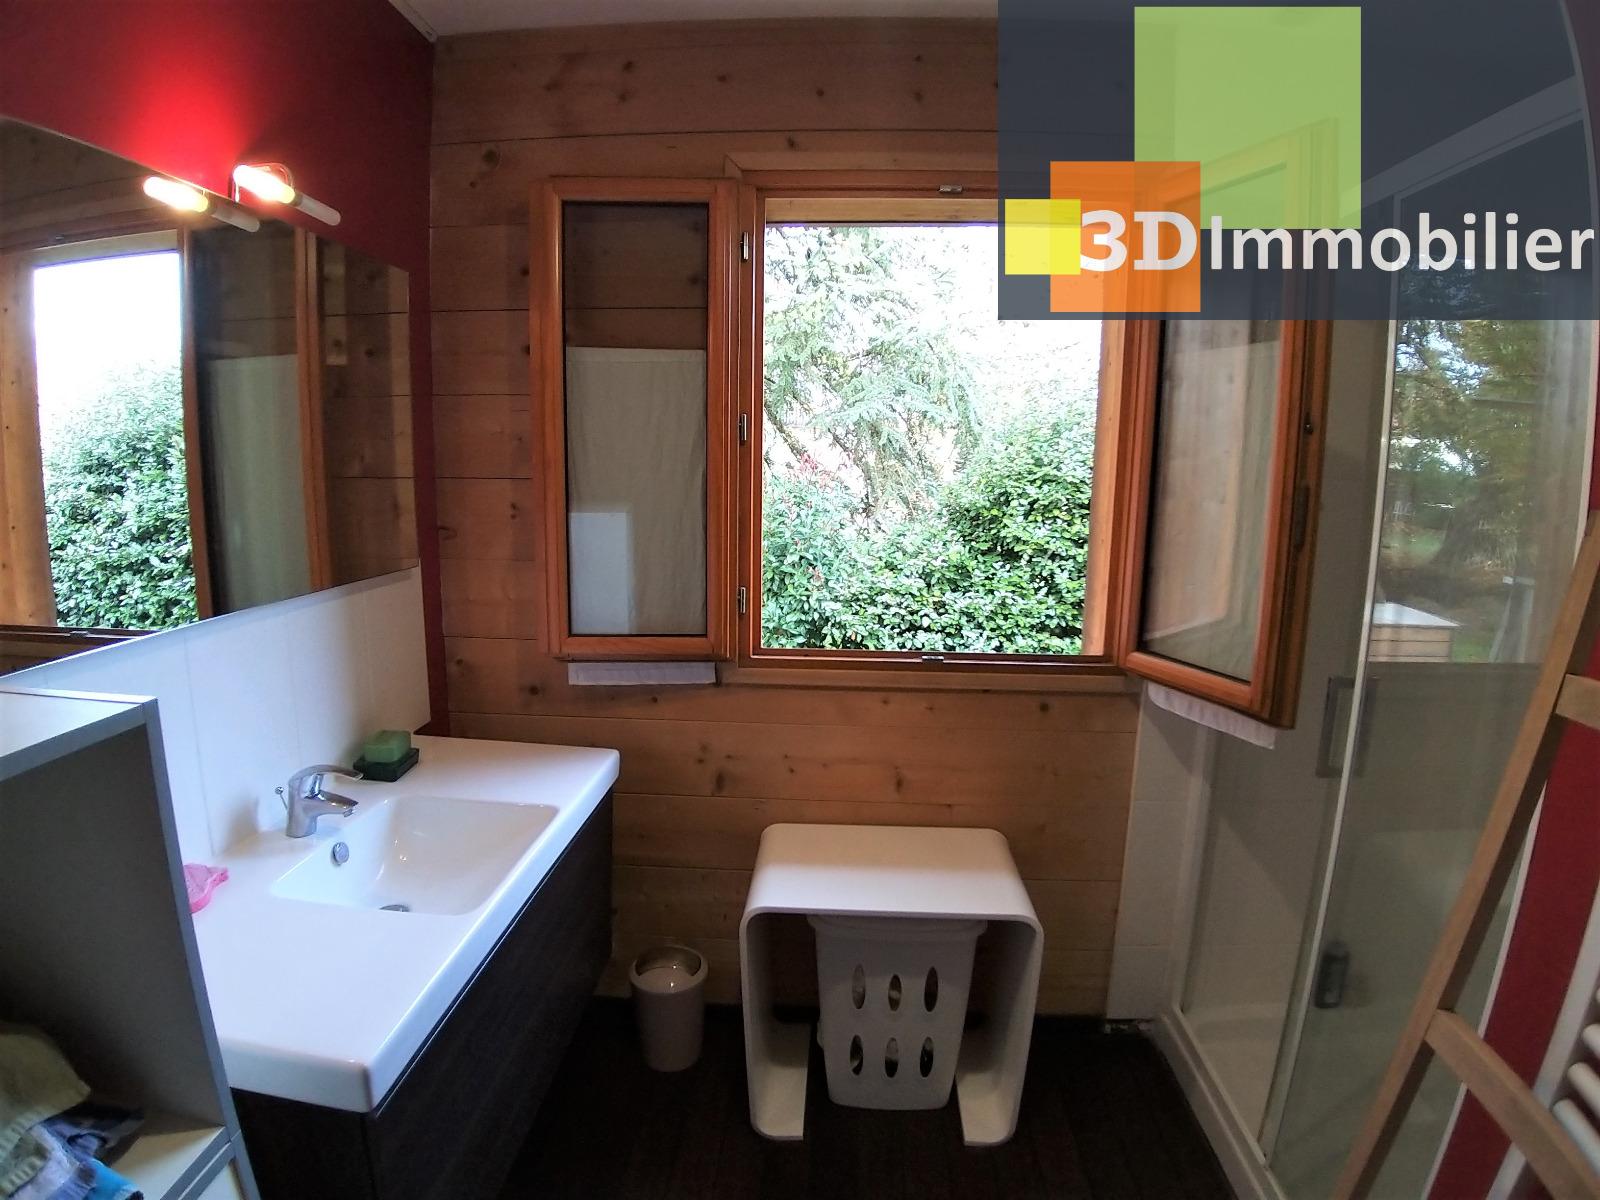 Lons Le Saunier 39 Jura A Vendre Maison Plain Pied Ossature Bois 3 Chambres Terrain 1126 M 3d Immobilier